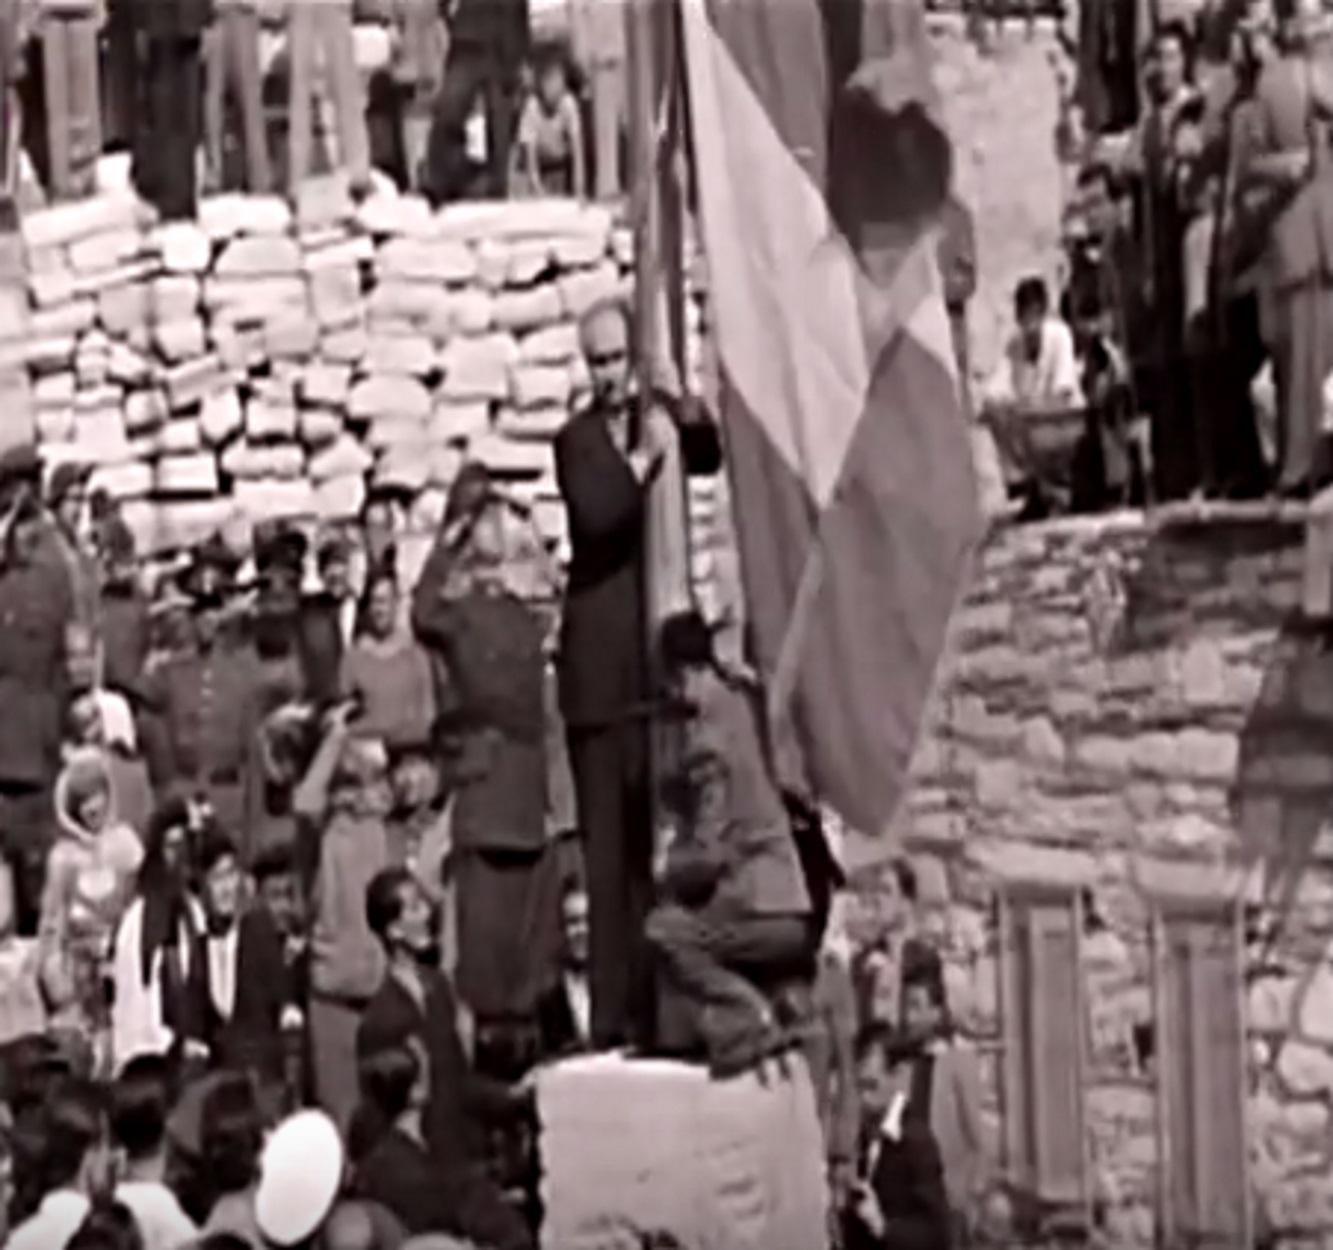 Αθήνα: Γιορτάζει την 75η επέτειο απελευθέρωσης από τους Γερμανούς κατακτητές – video